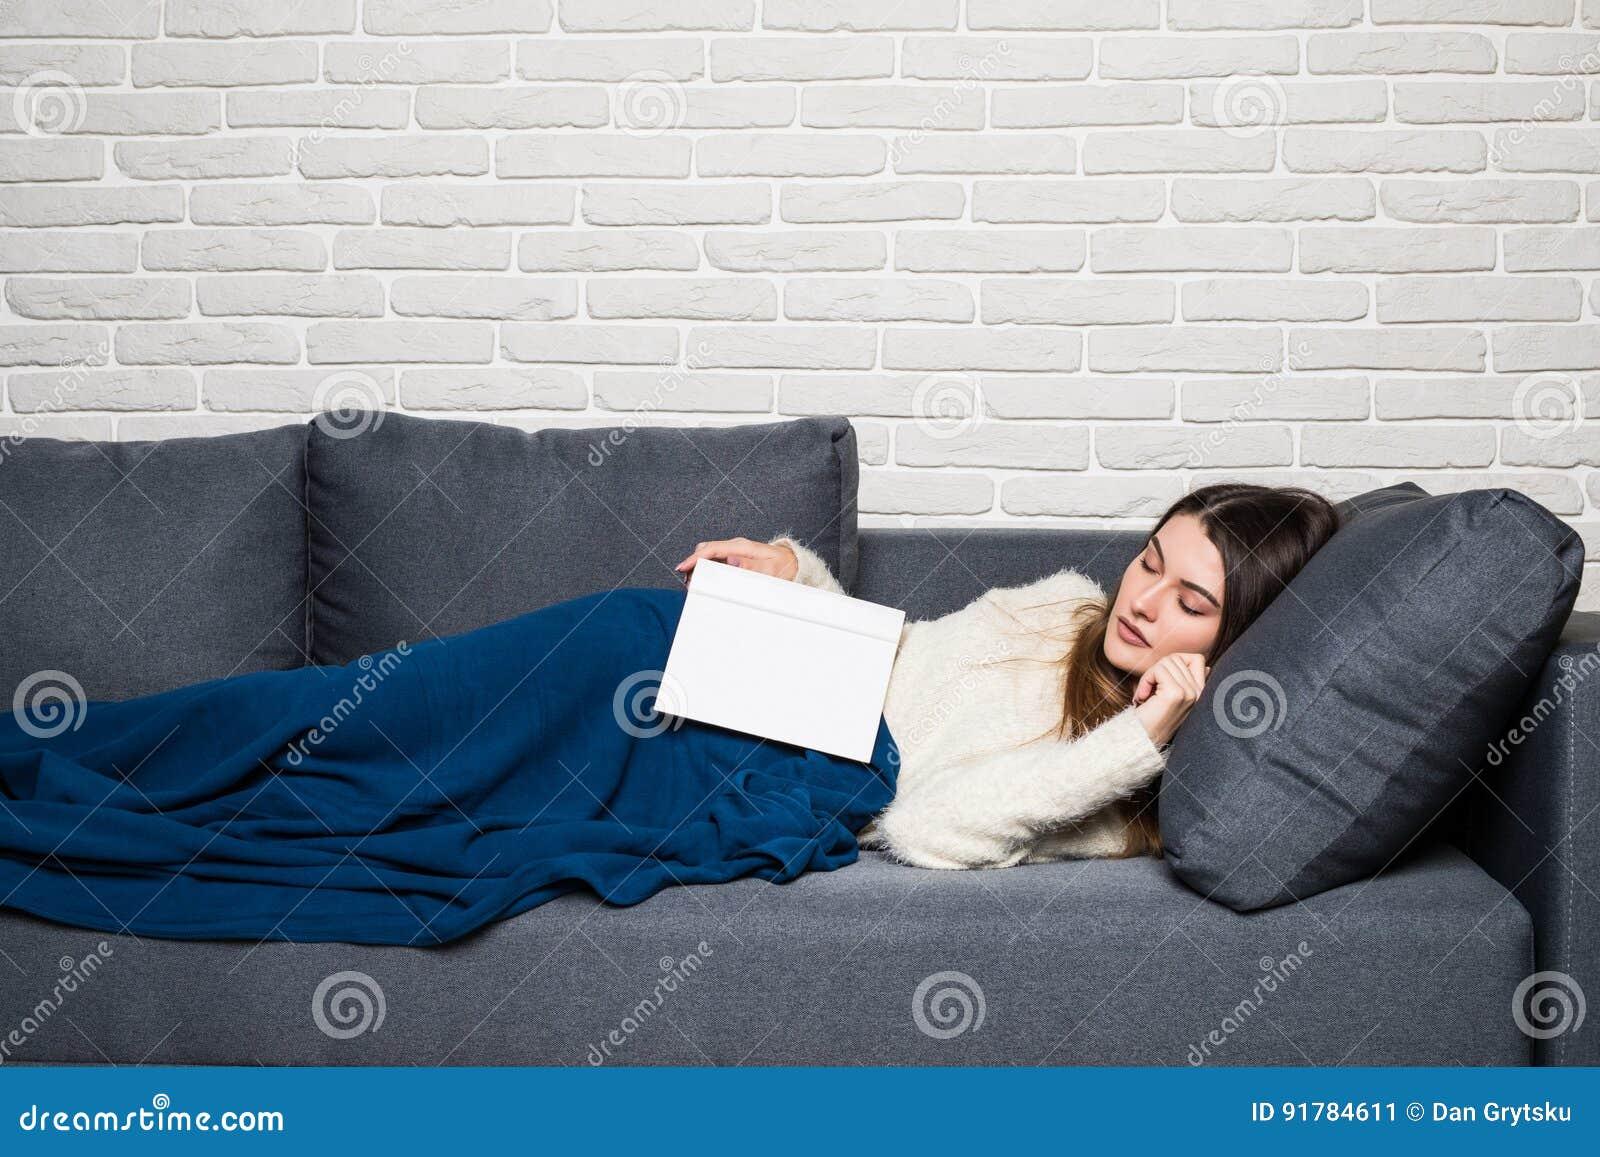 Den trötta unga kvinnan som tar en ta sig en tupplur hemmastatt ligga på en soffa med en bok som ligger över hennes bröstkorg och